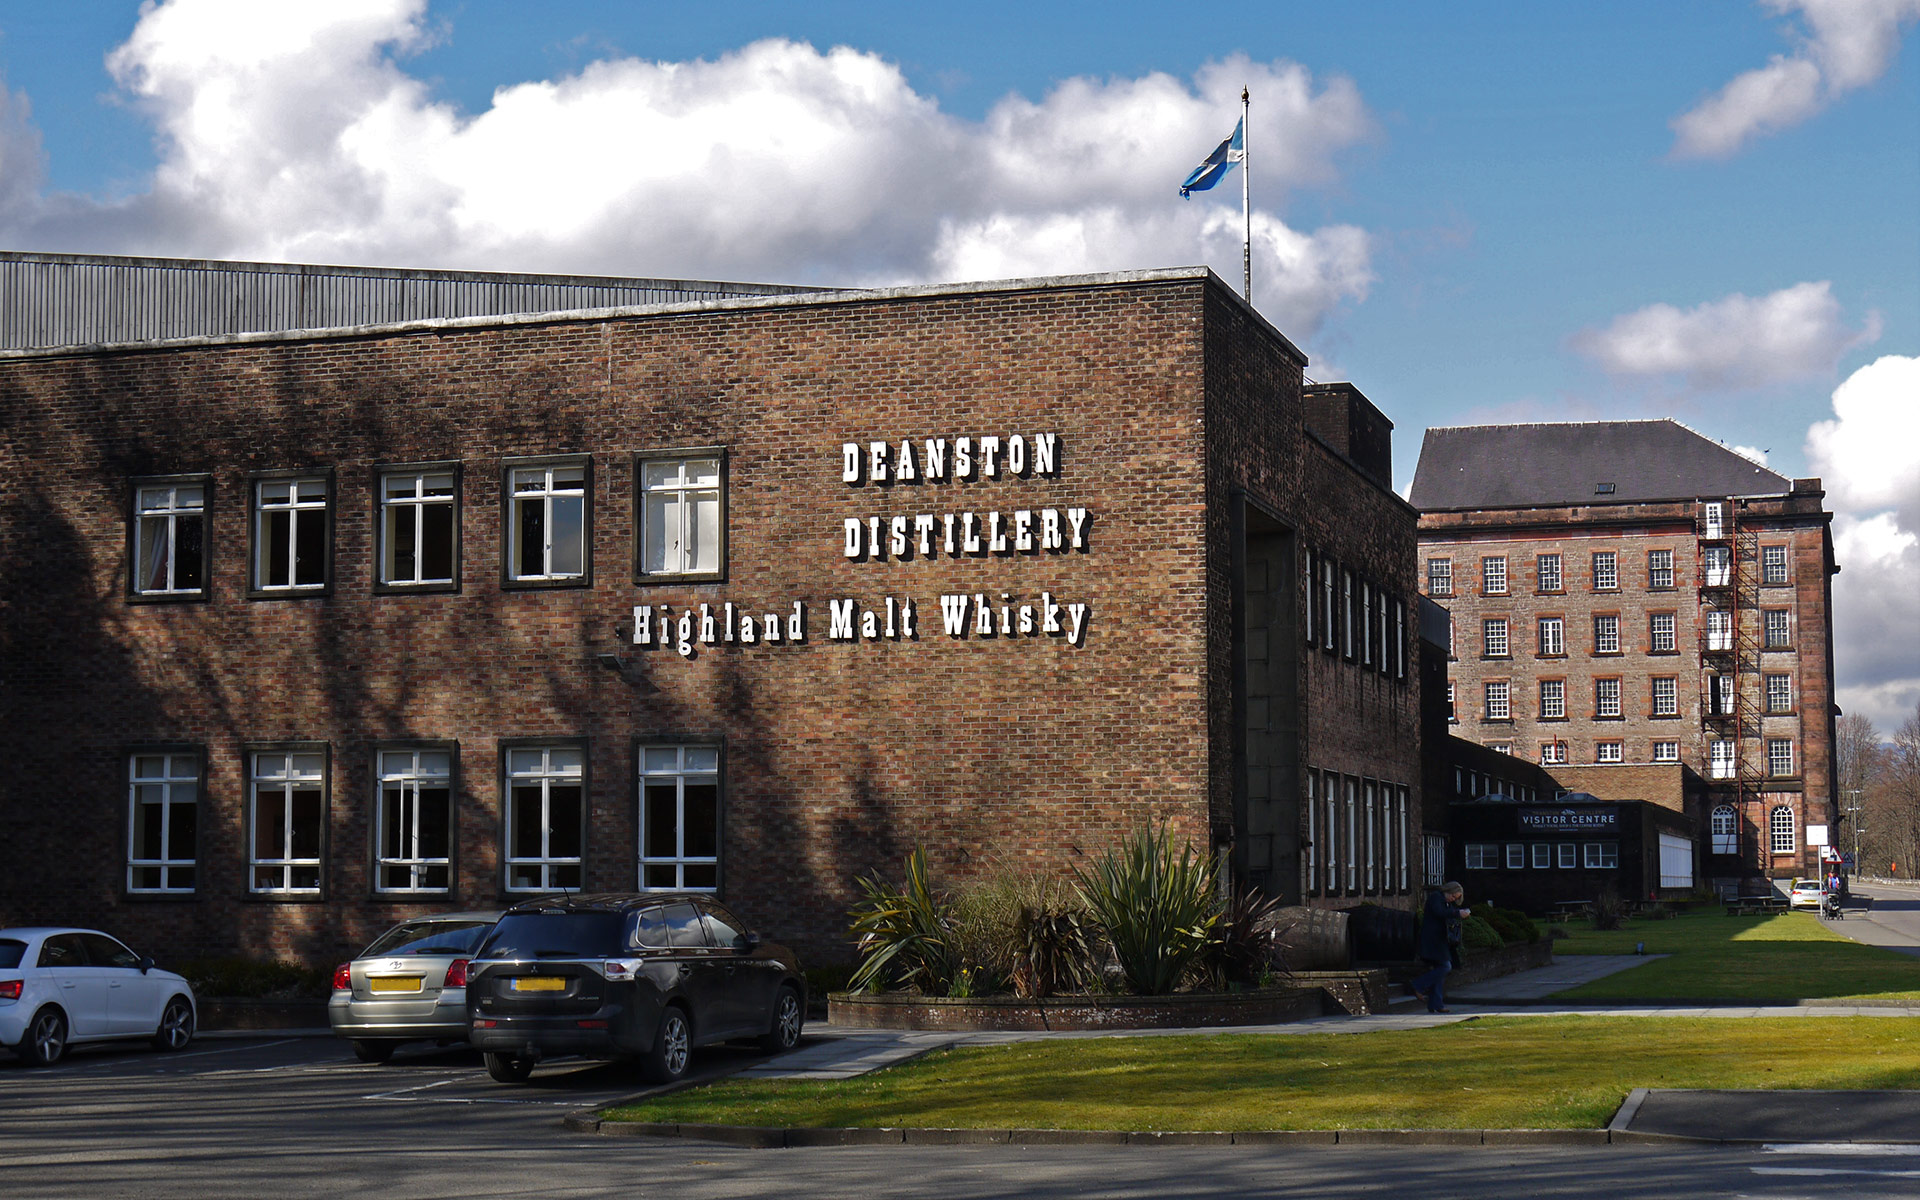 Die Deanston-Destillerie am Fluss Teith in Schottland (Foto: Malt Whisky)